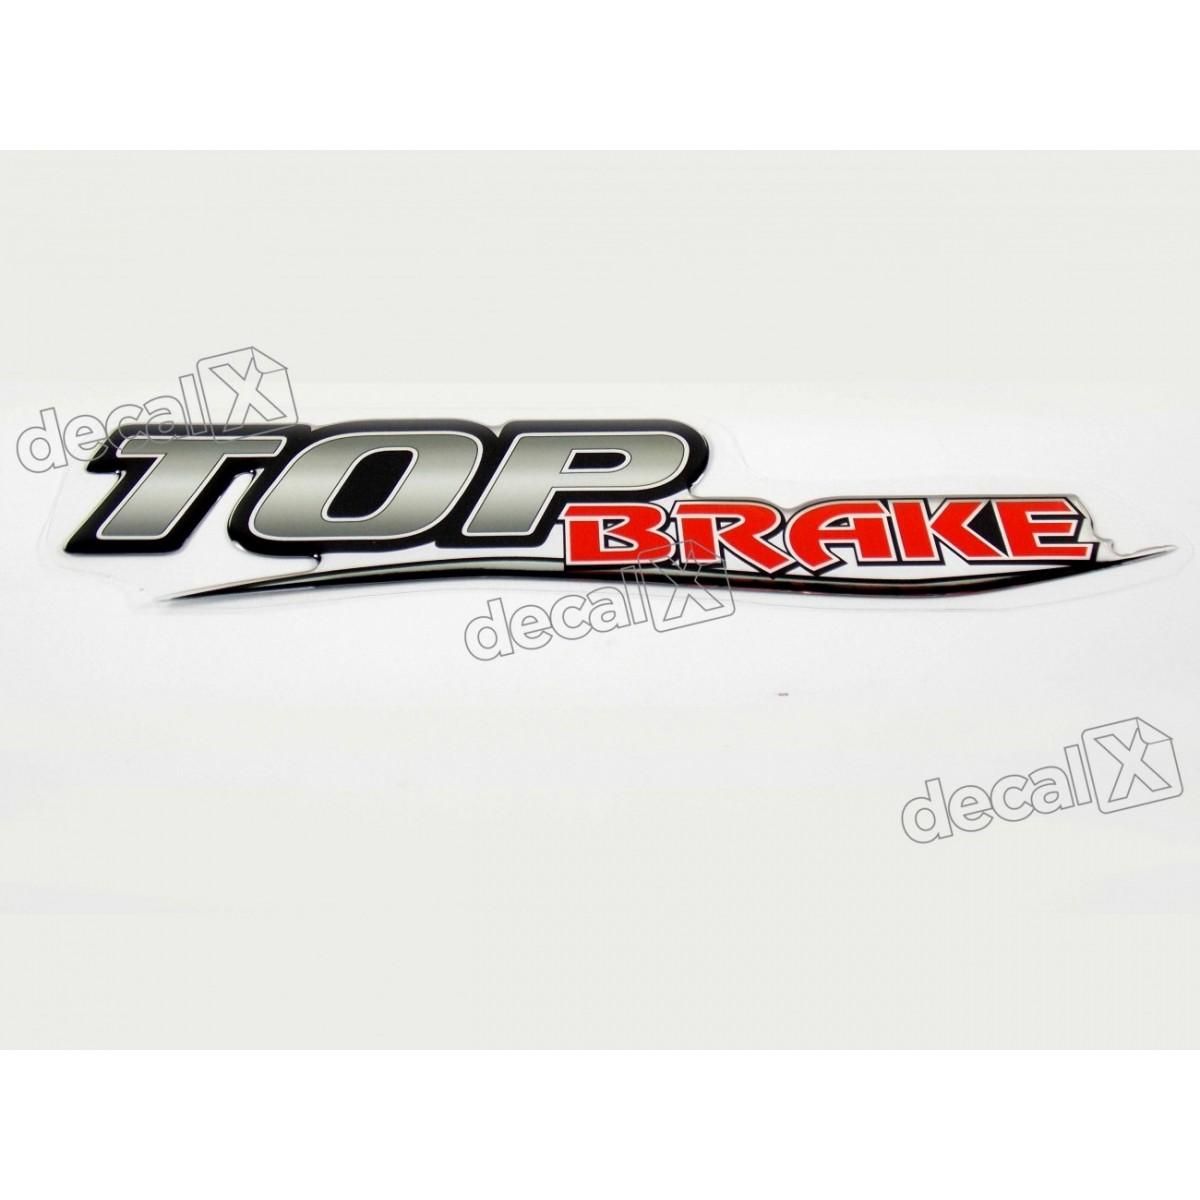 Adesivo Emblema Resinado Mercedes Top Brake Cm106 Decalx